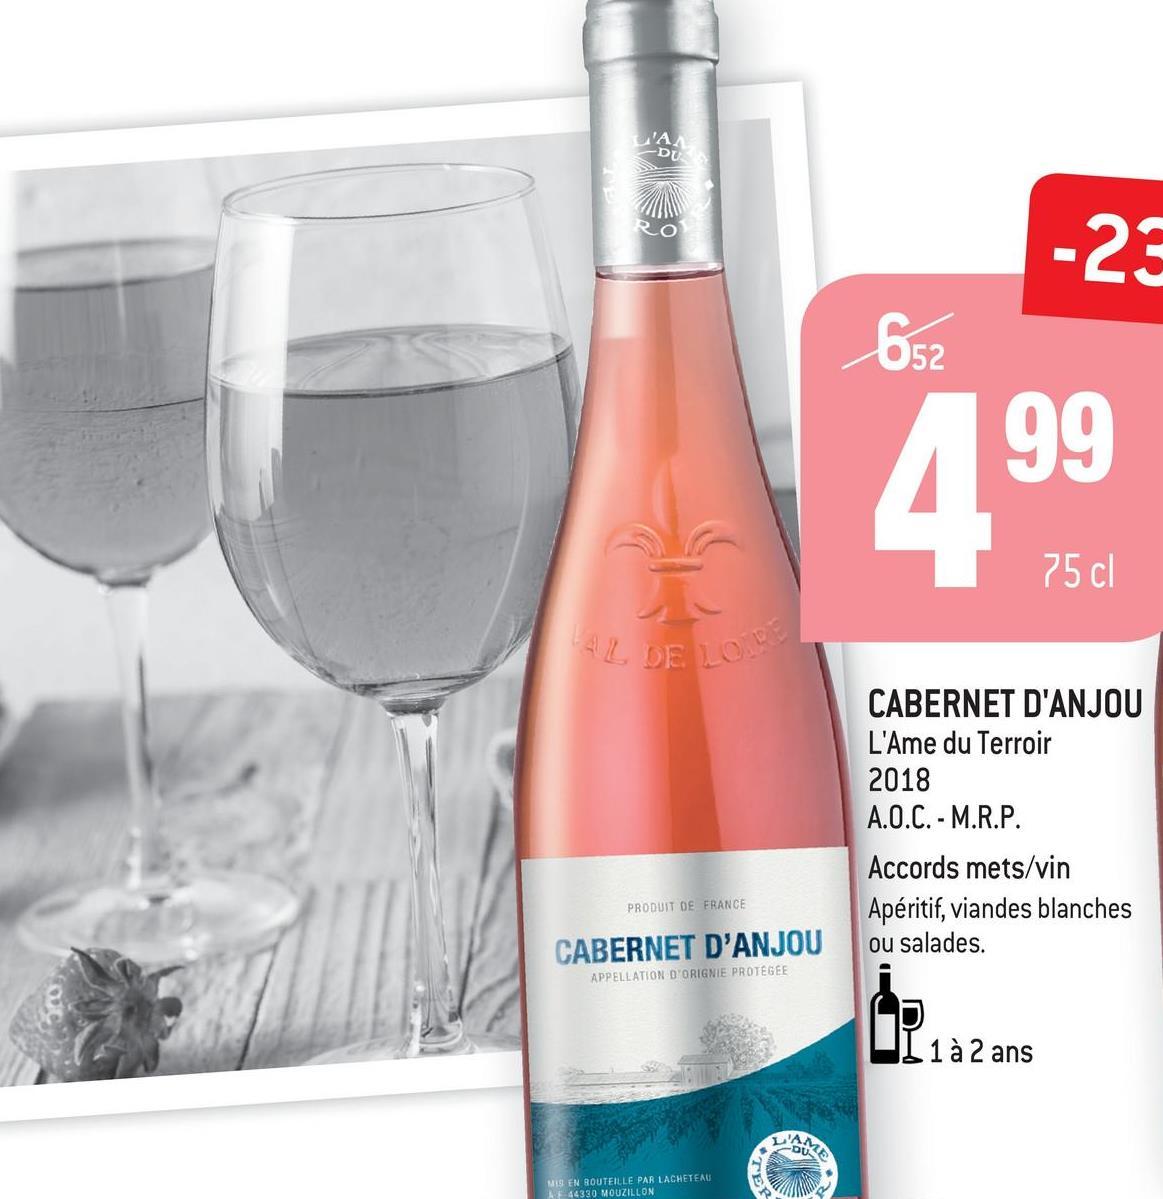 IAA DU -23 BA 99 75 cl AL DE LOS CABERNET D'ANJOU L'Ame du Terroir 2018 A.O.C. - M.R.P. Accords mets/vin Apéritif, viandes blanches ou salades. PRODUIT DE FRANCE CABERNET D'ANJOU APPELLATION D'ORIGNIE PROTEGEE UL 1 à 2 ans ans MIS EN BOUTEILLE PAR LACHETEAU 44330 MOUZILLON